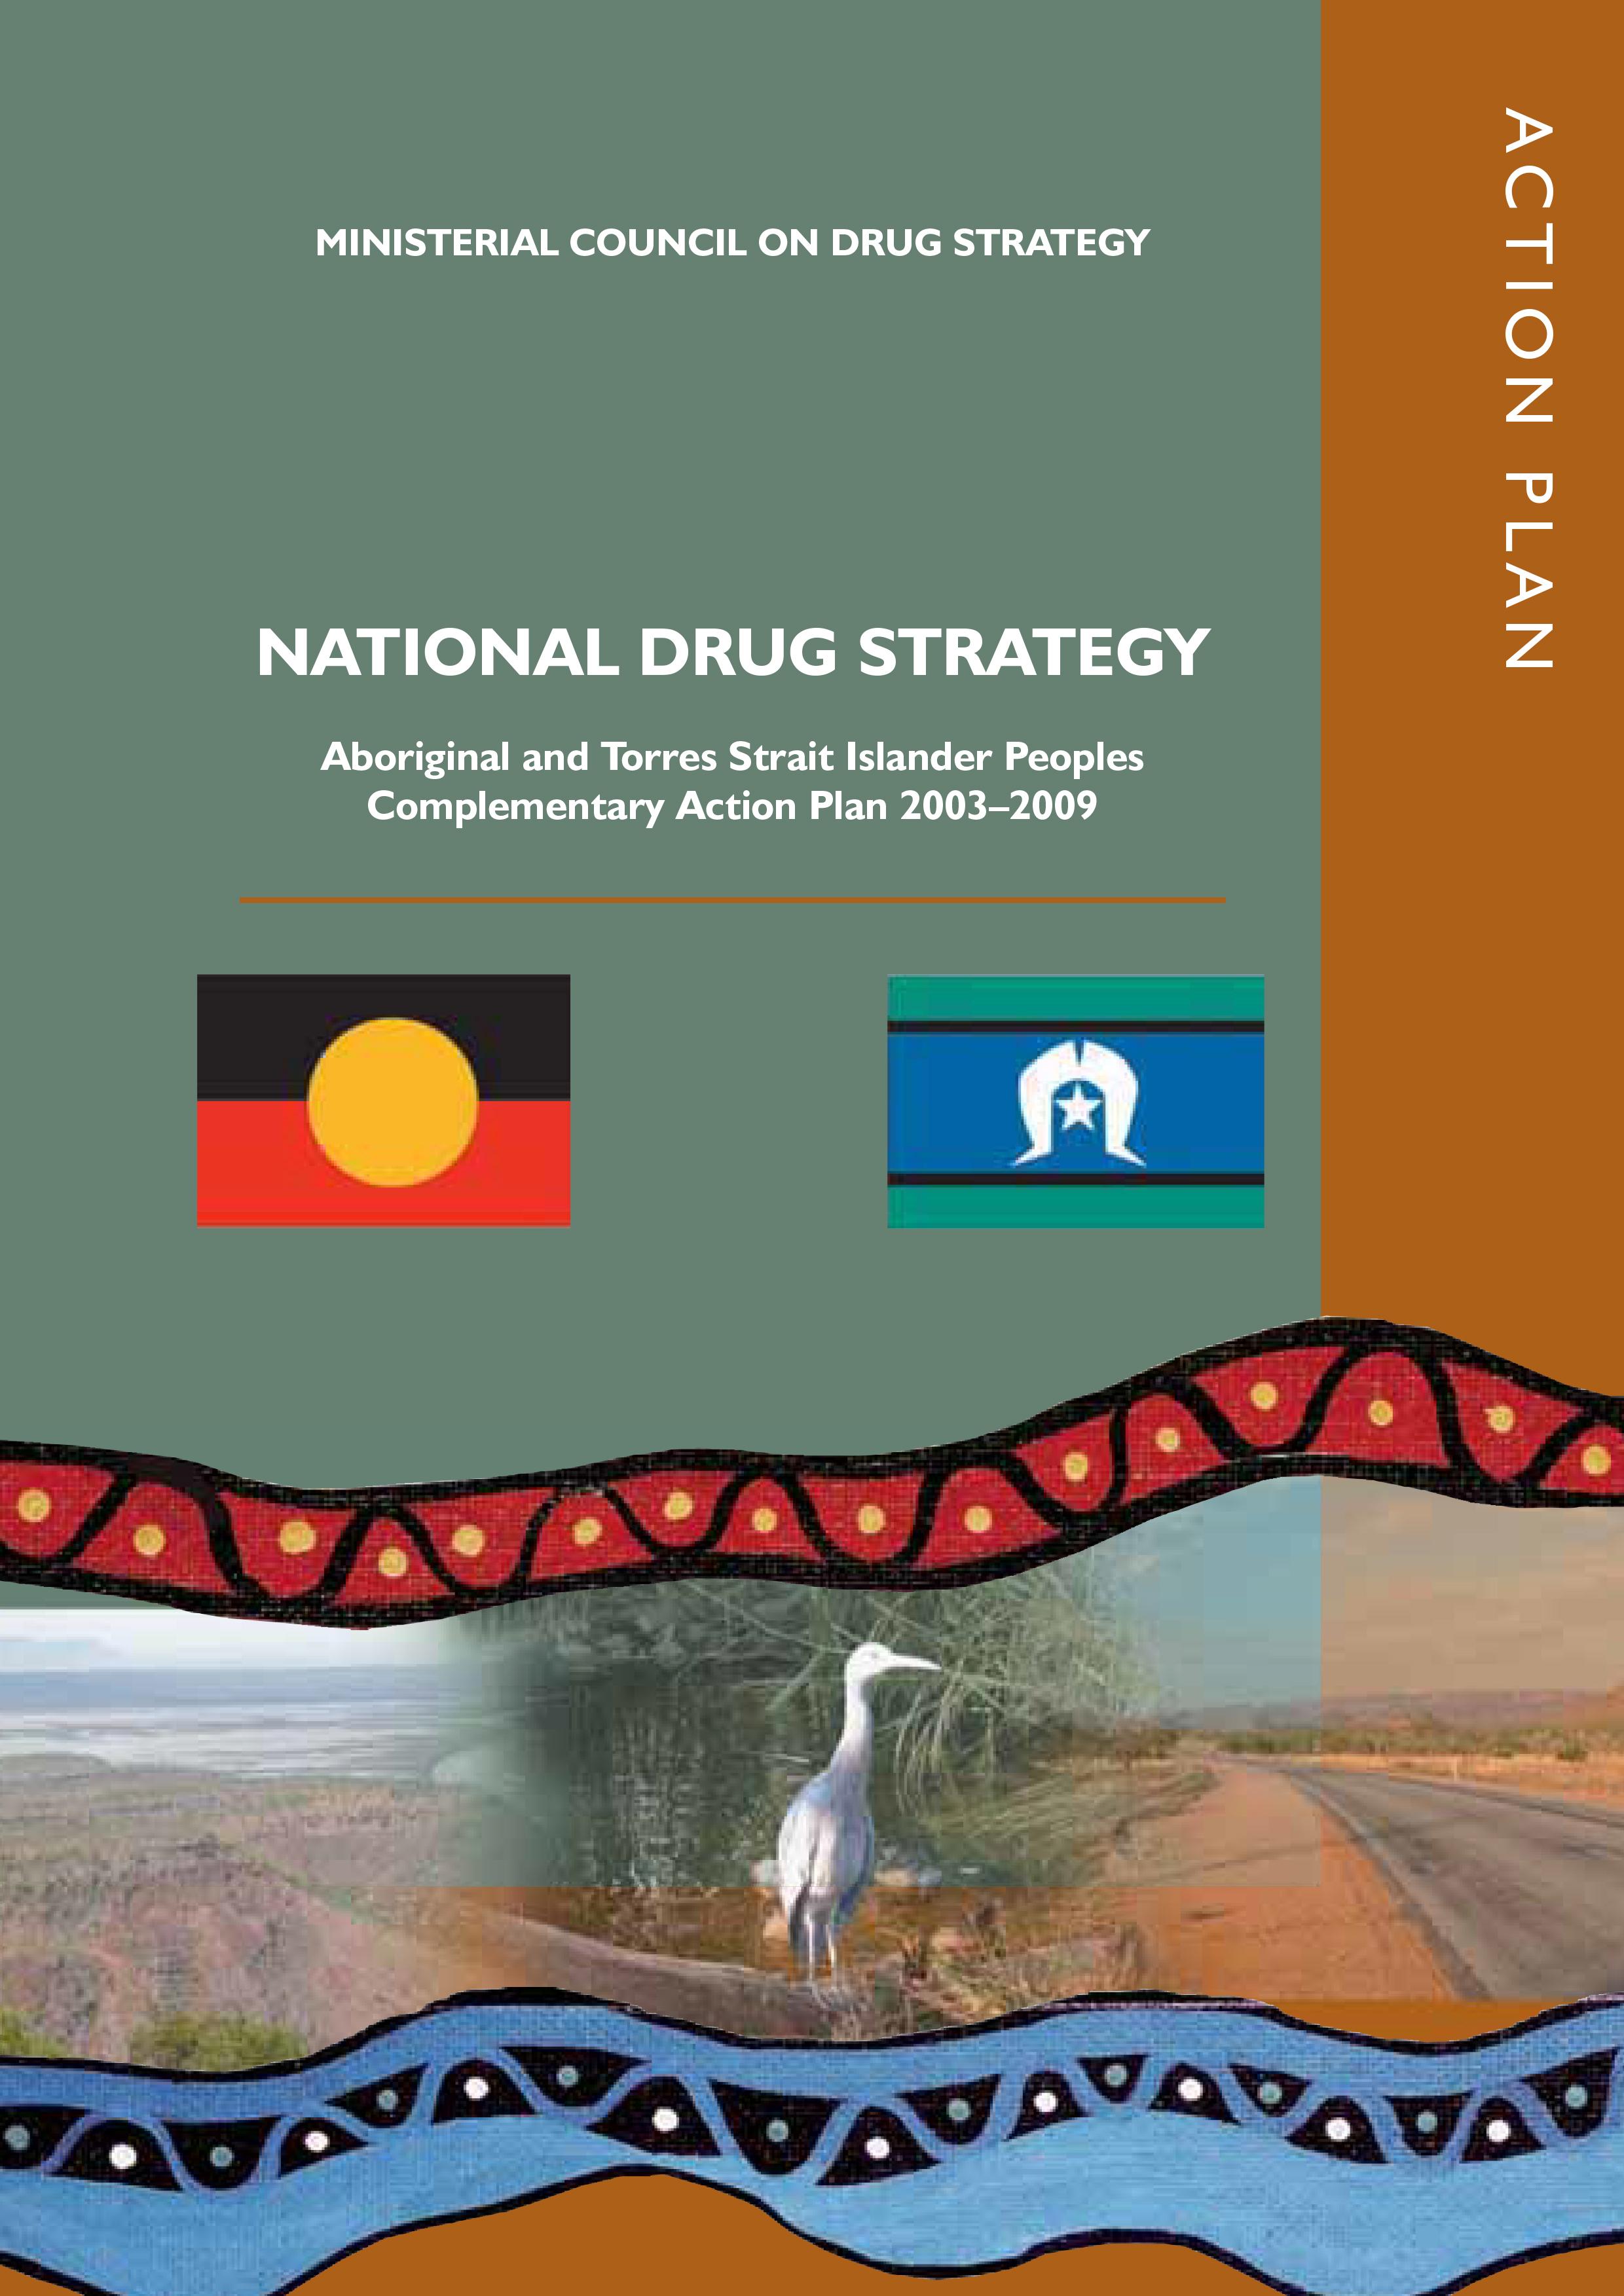 National Drug Strategy - National Aboriginal and Torres Strait Islander Peoples' Drug Strategy - 2014-2019